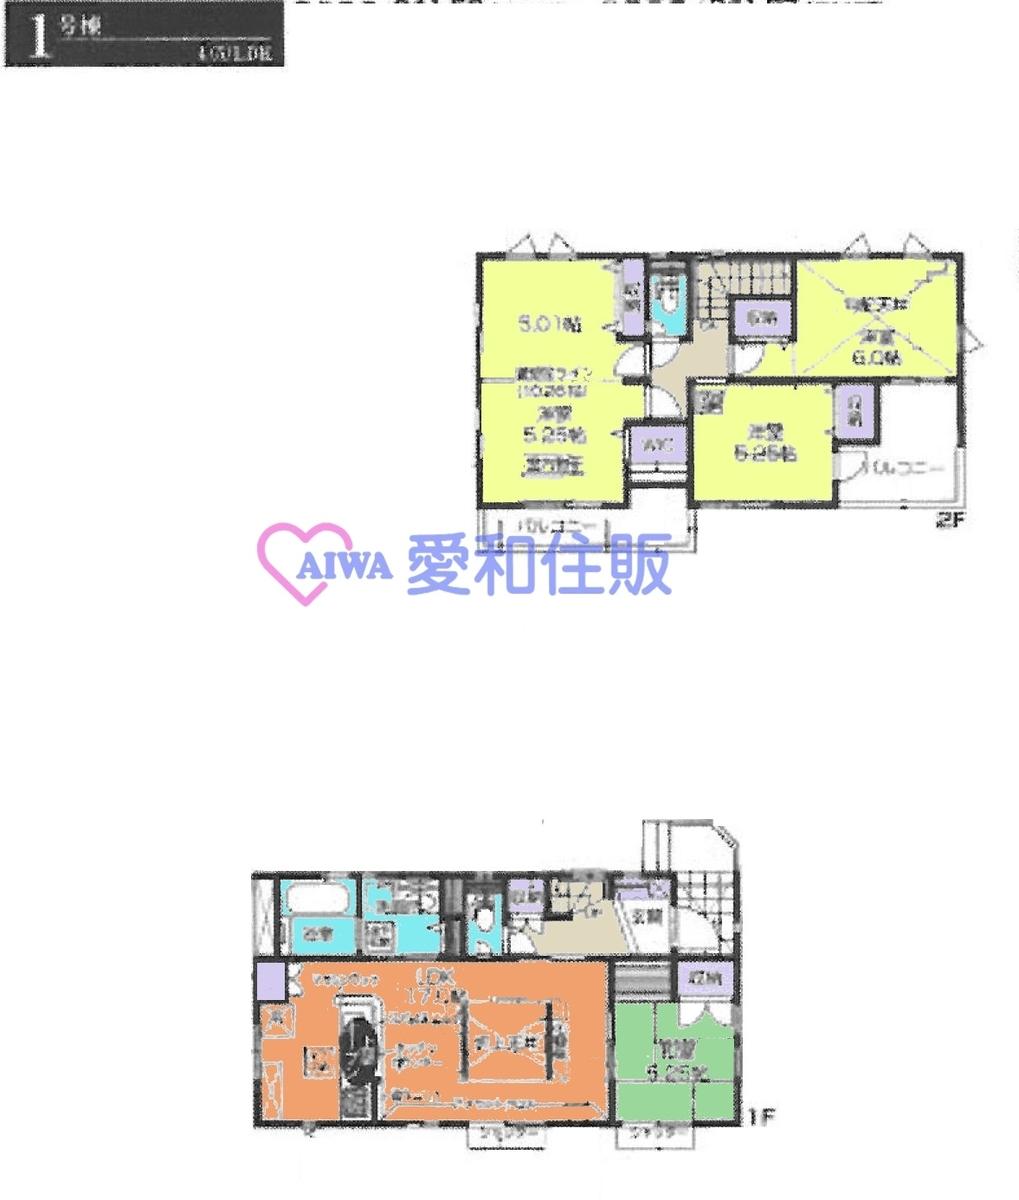 鶴ヶ島市藤金新築一戸建て建売分譲住宅の間取り図